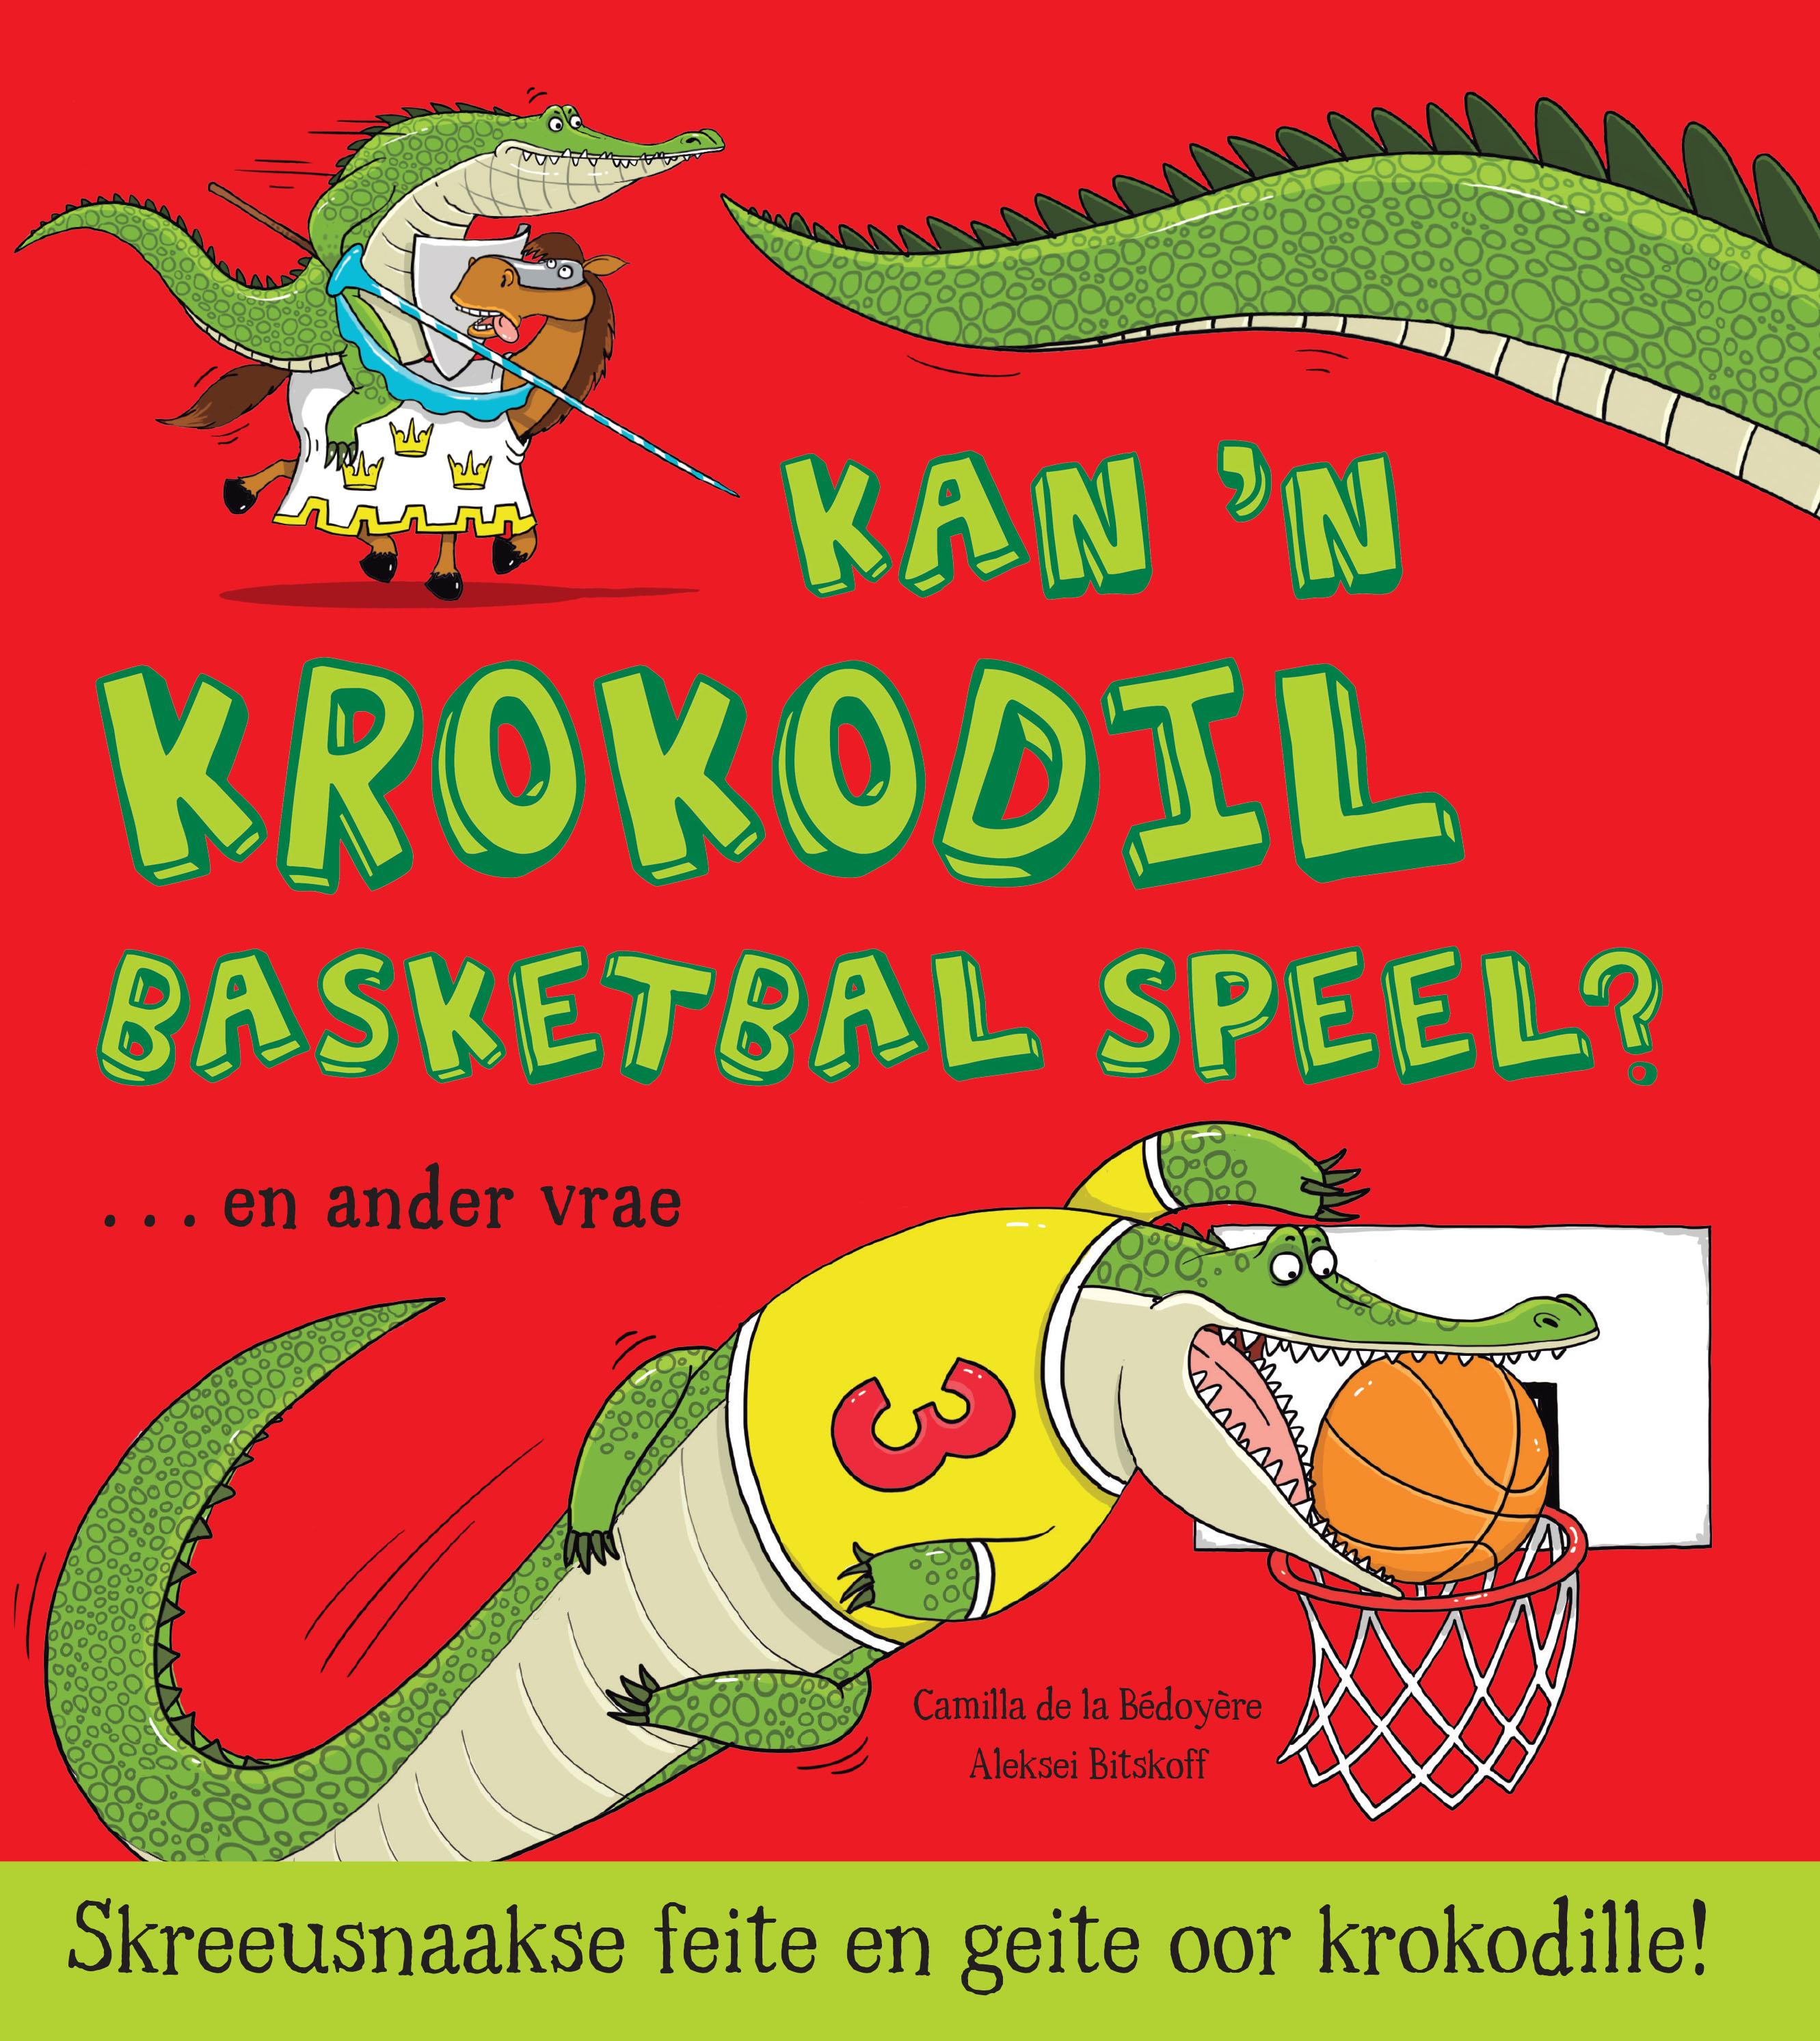 Wilde diere - Feite en geite: Kan 'n krokodil basketbal speel?